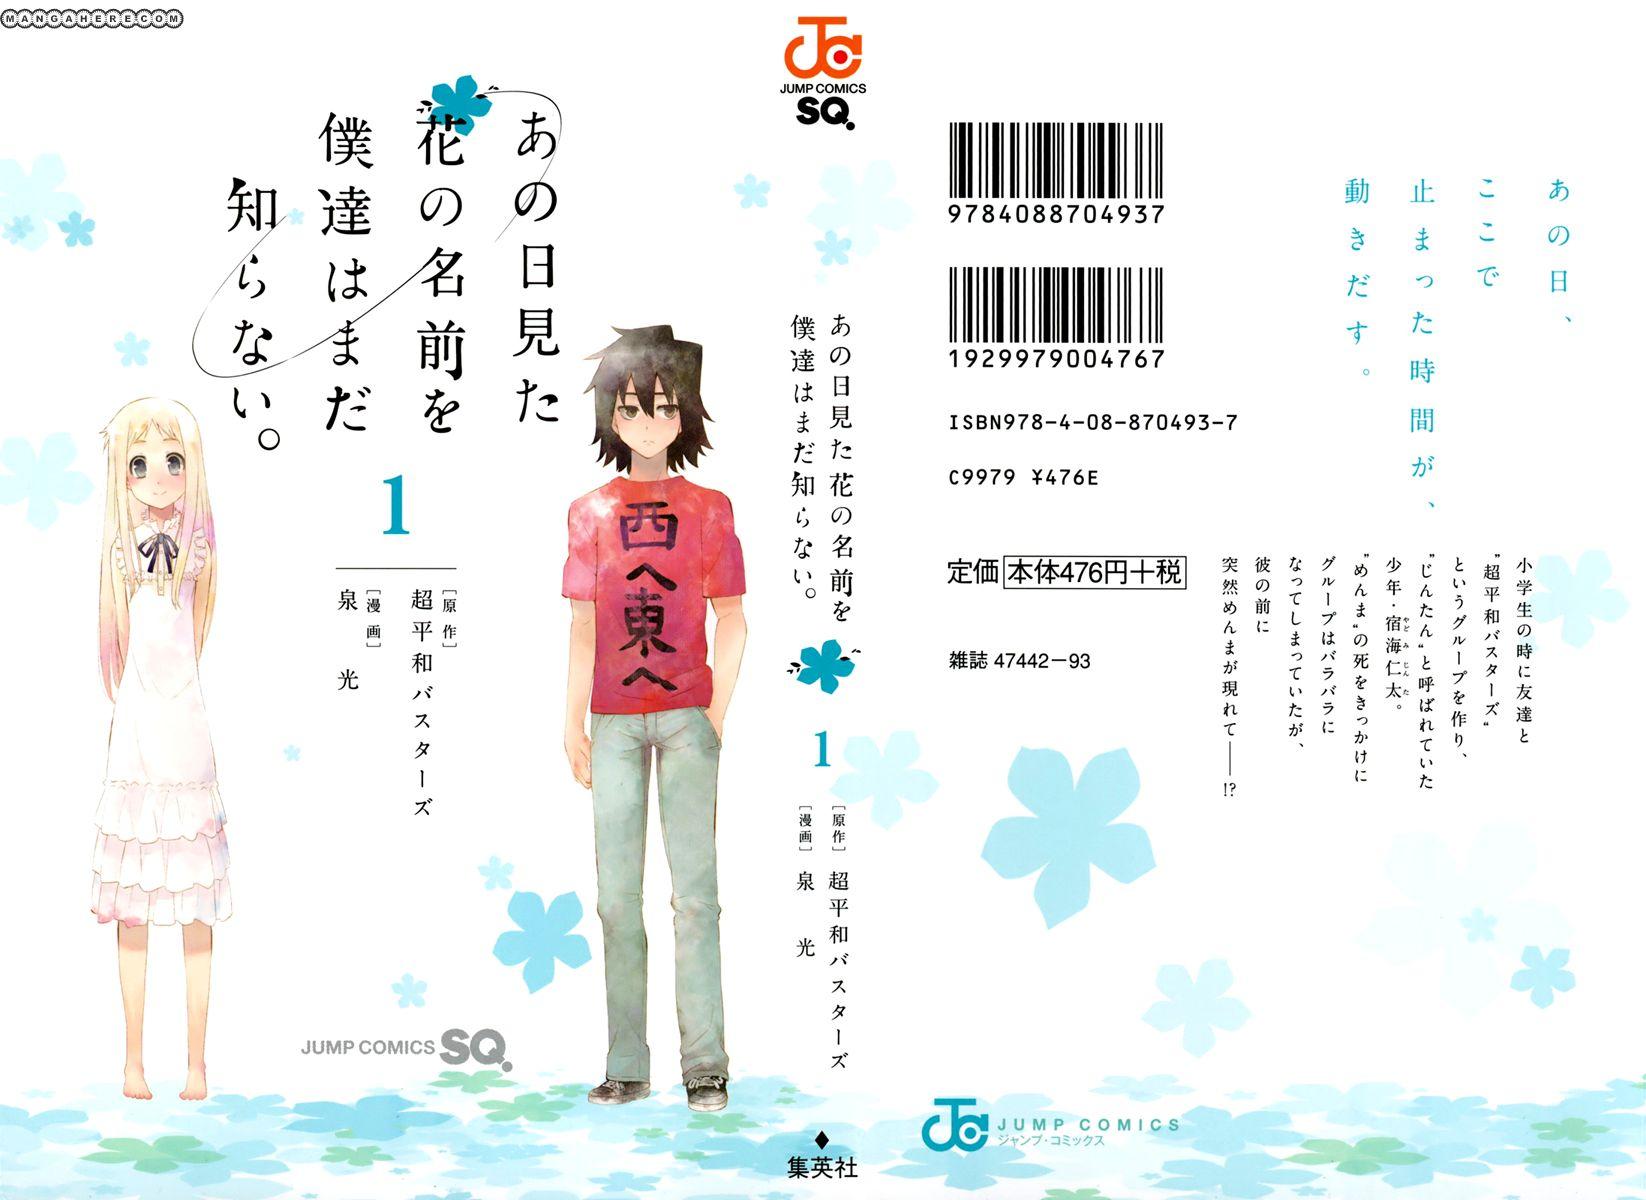 Ano Hi Mita Hana no Namae o Bokutachi wa Mada Shiranai 1 Page 2